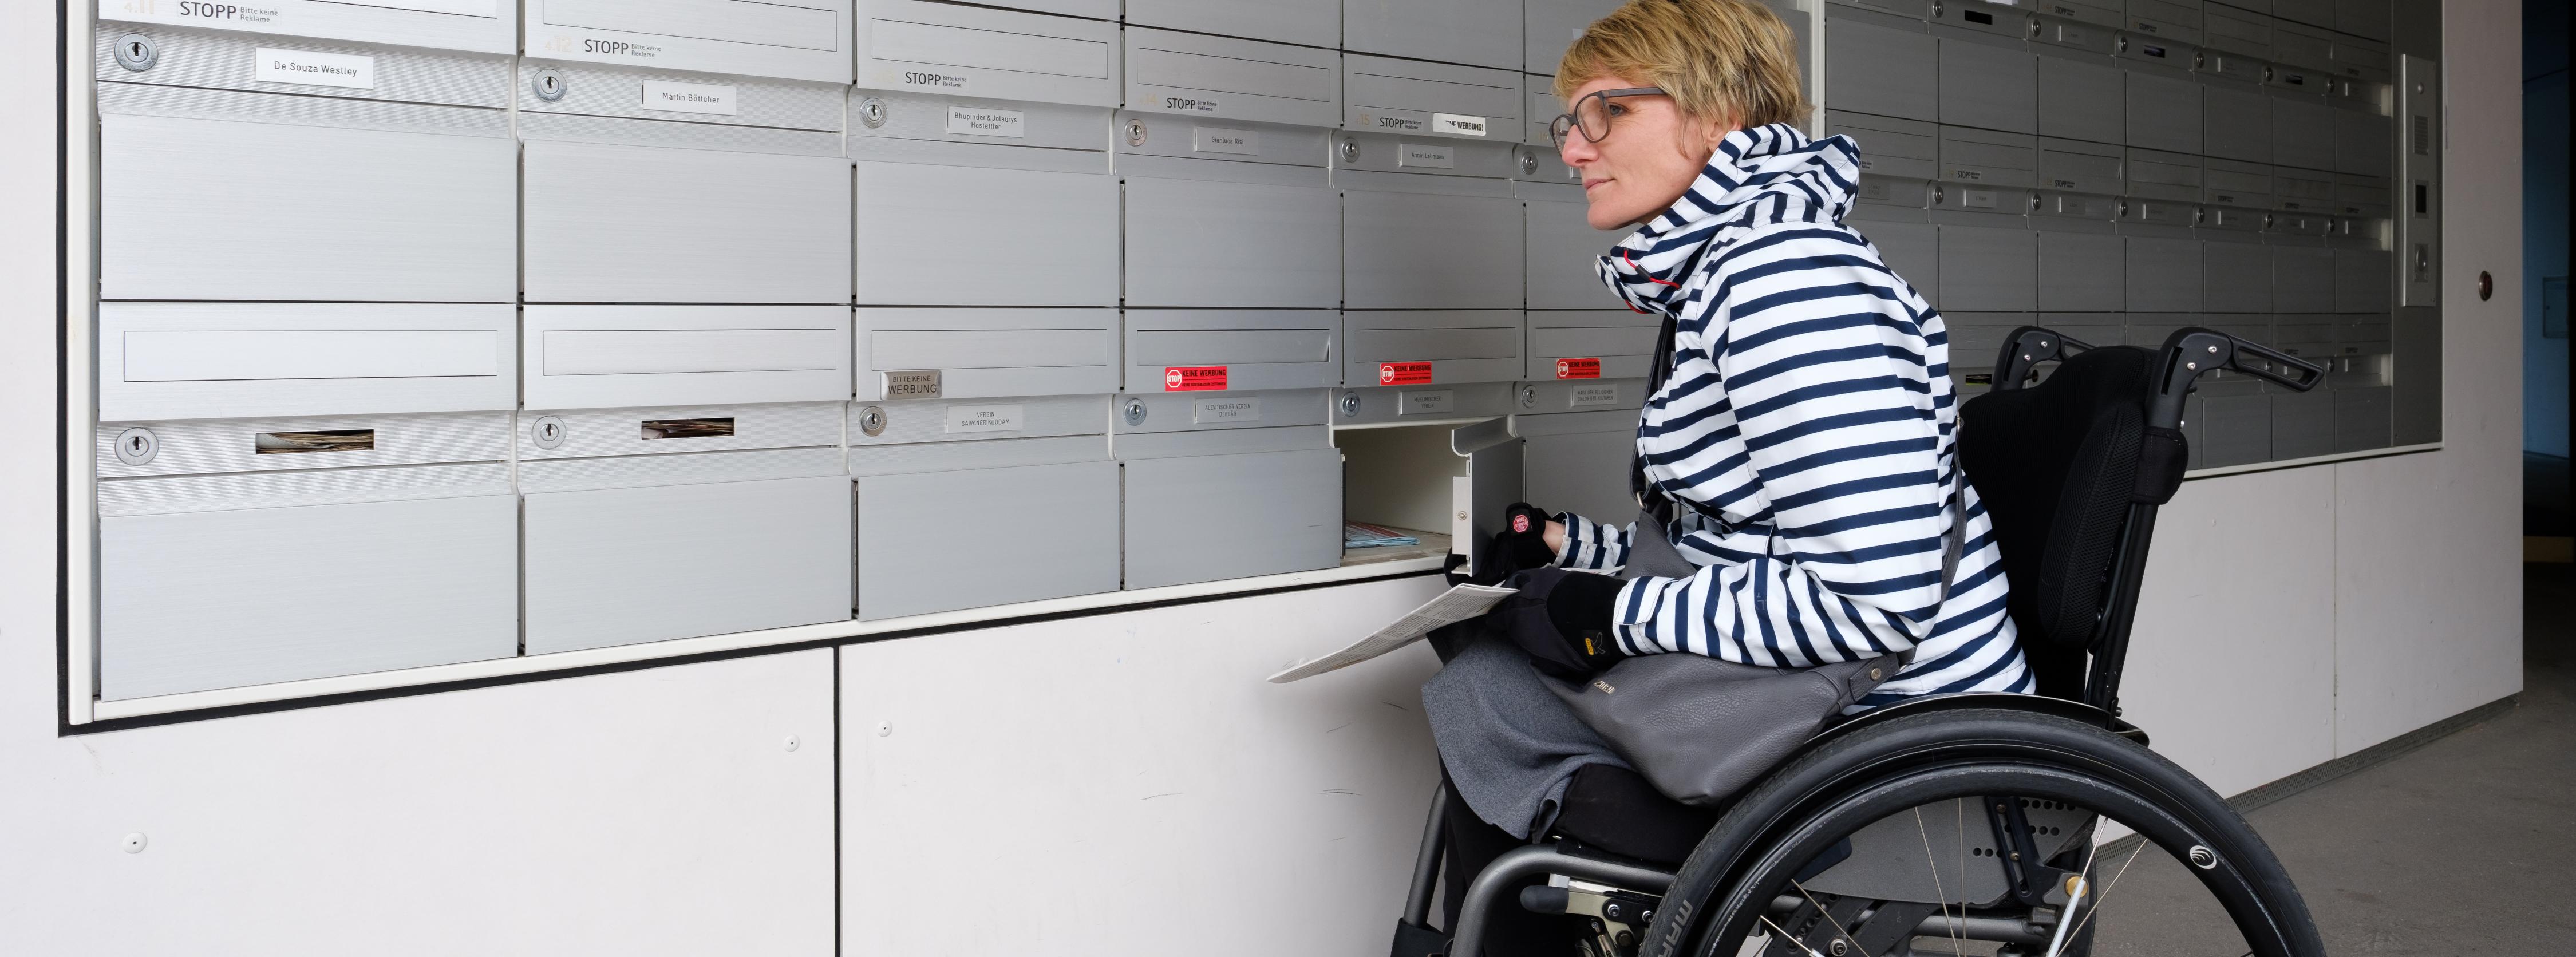 Titelbild: Rollstuhlfahrerin öffnet ihr Fach einer Briefkastenanlage